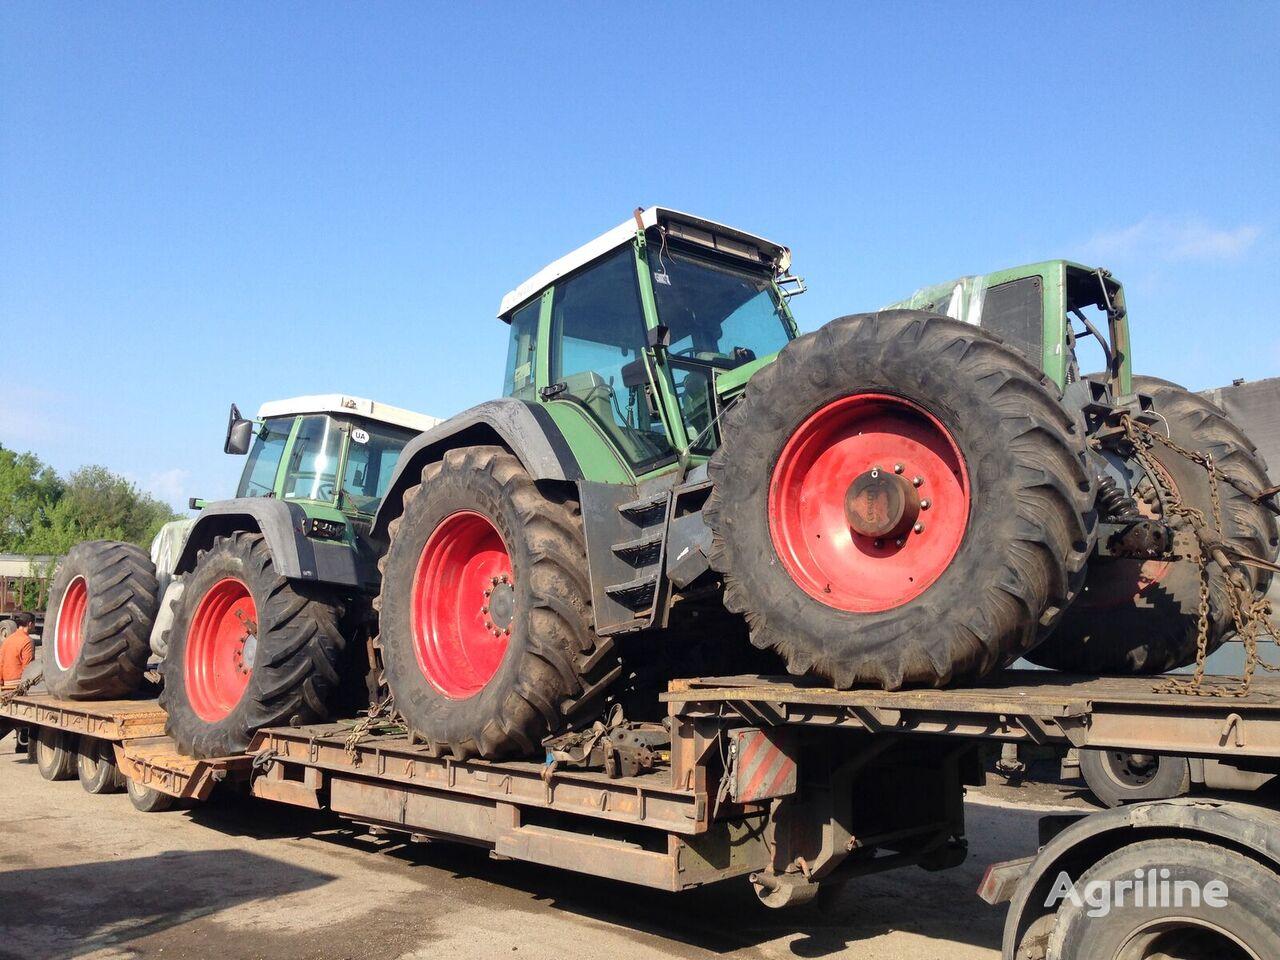 FENDT Favorit 822,824 zapchasti novye i b/u wheel tractor for parts